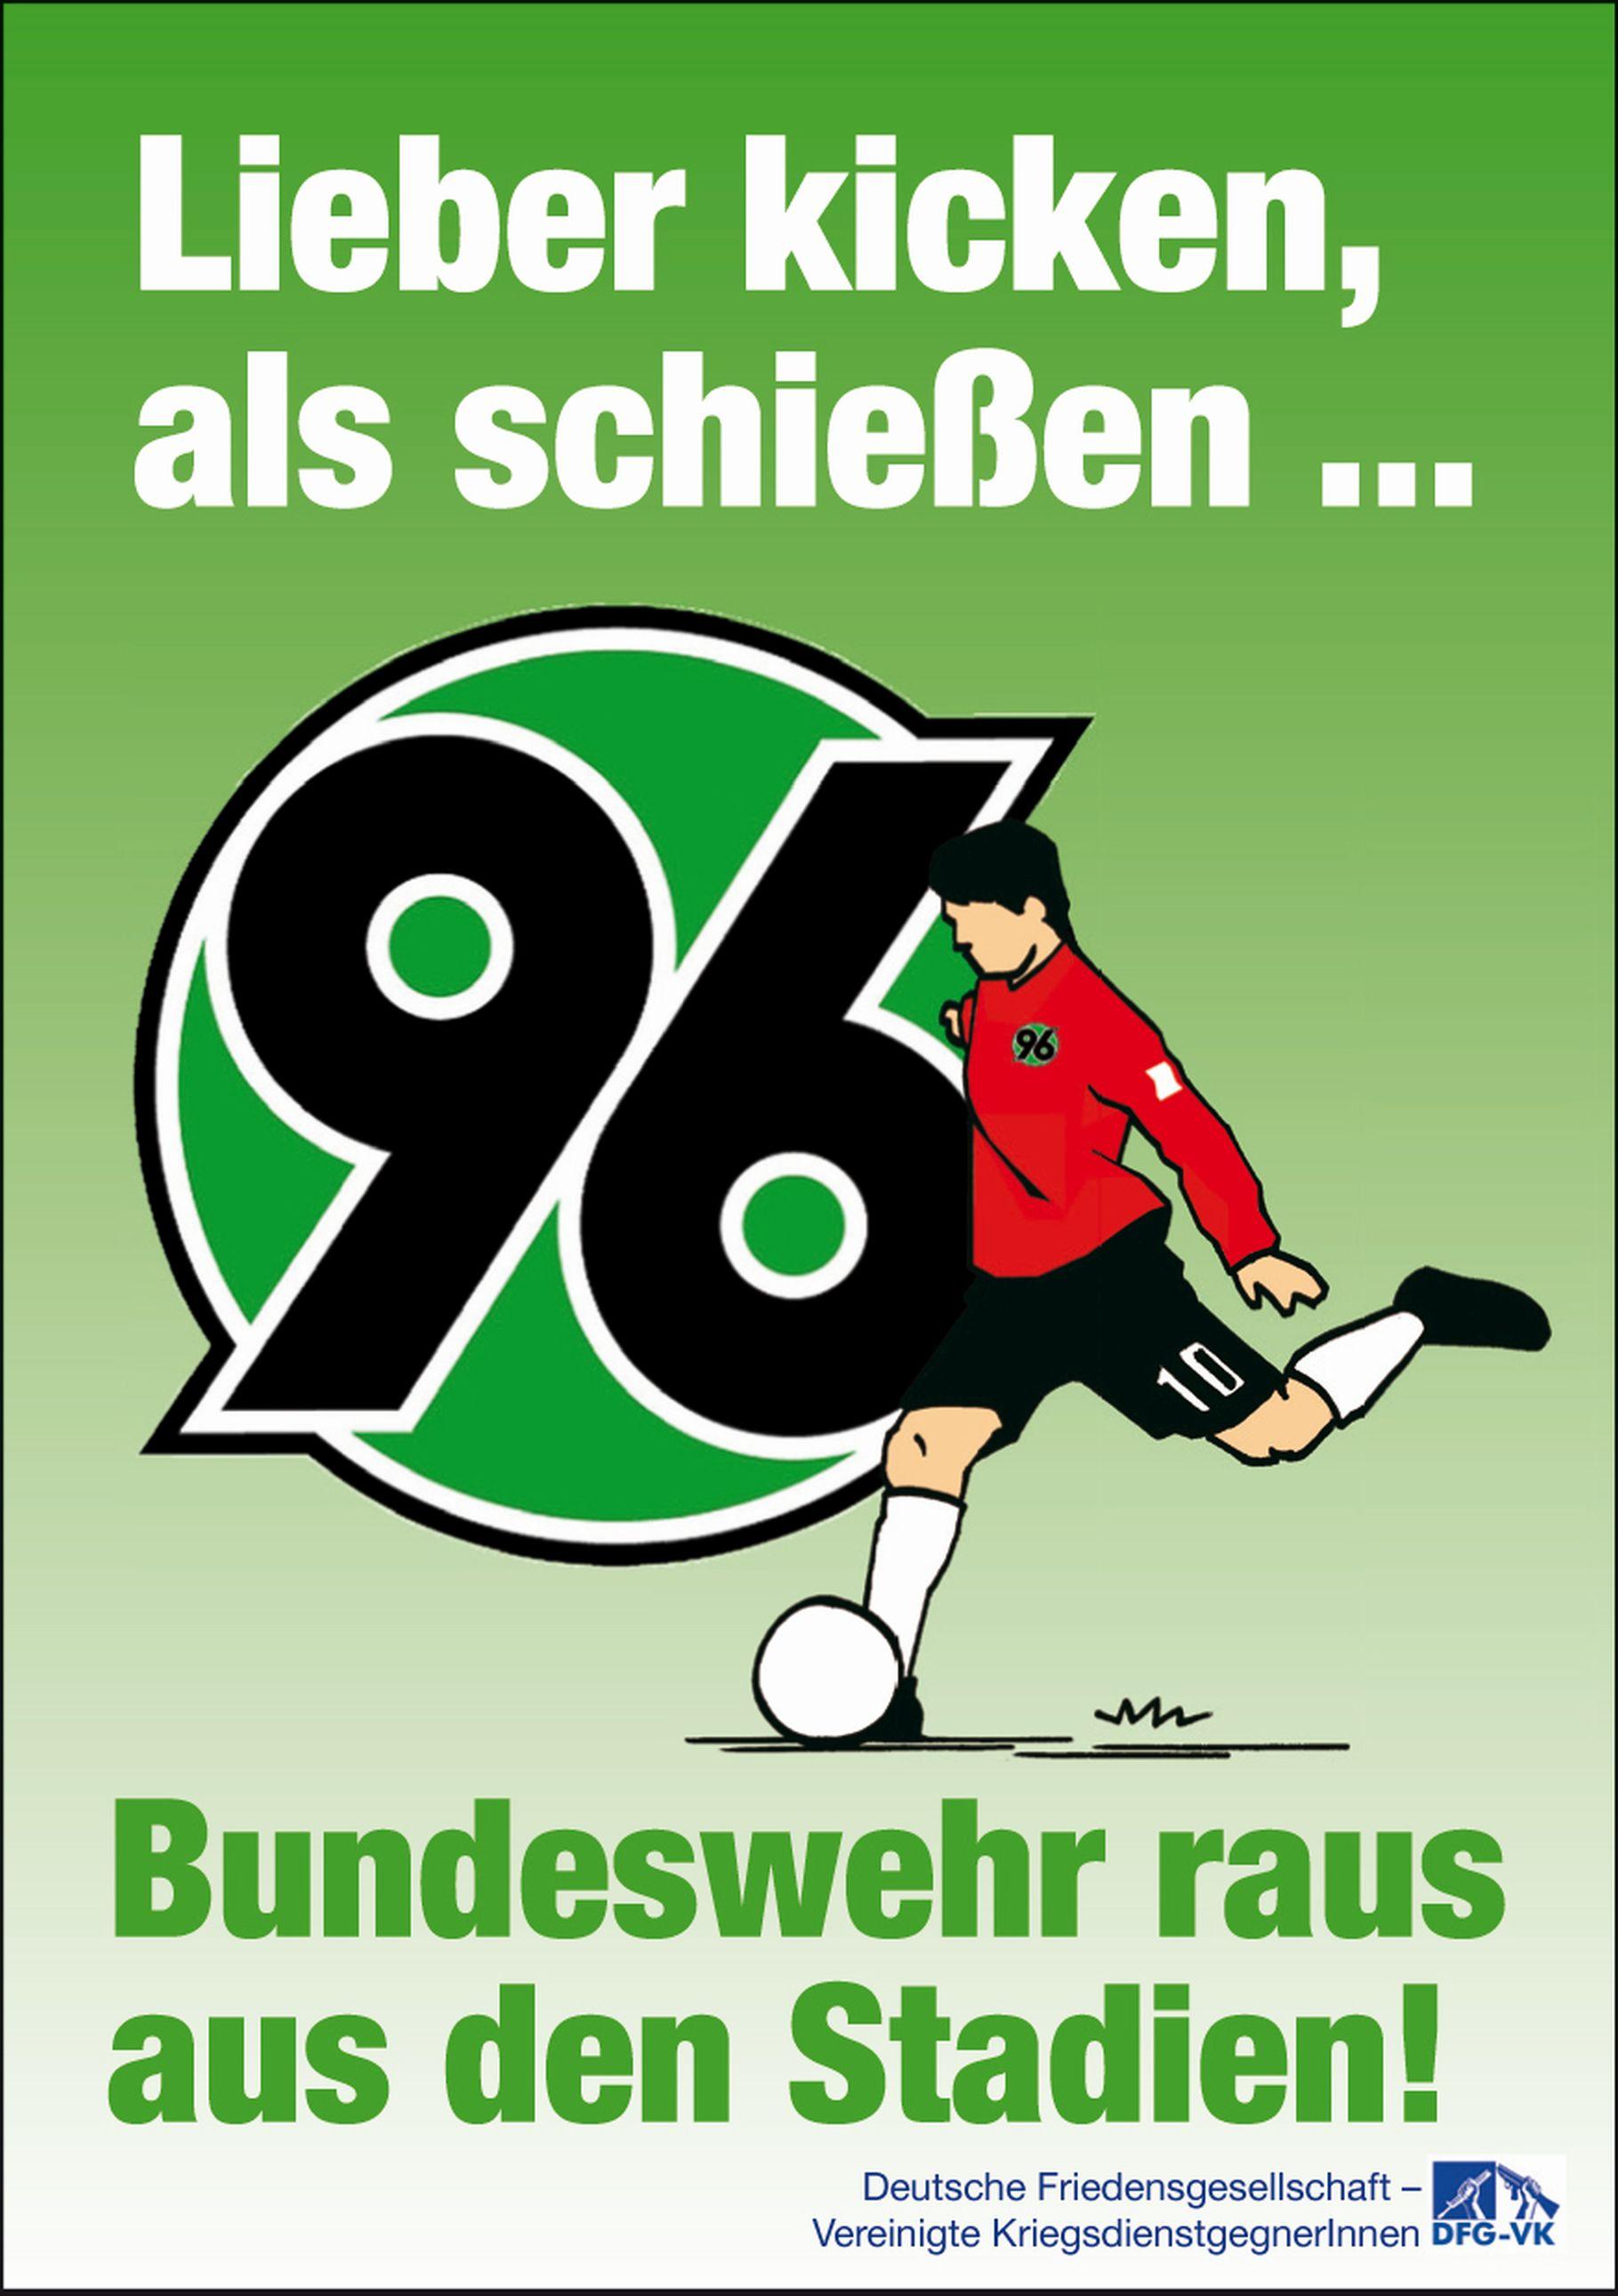 Bundeswehr und Werbung – auch 2014/15 wieder voll dabei